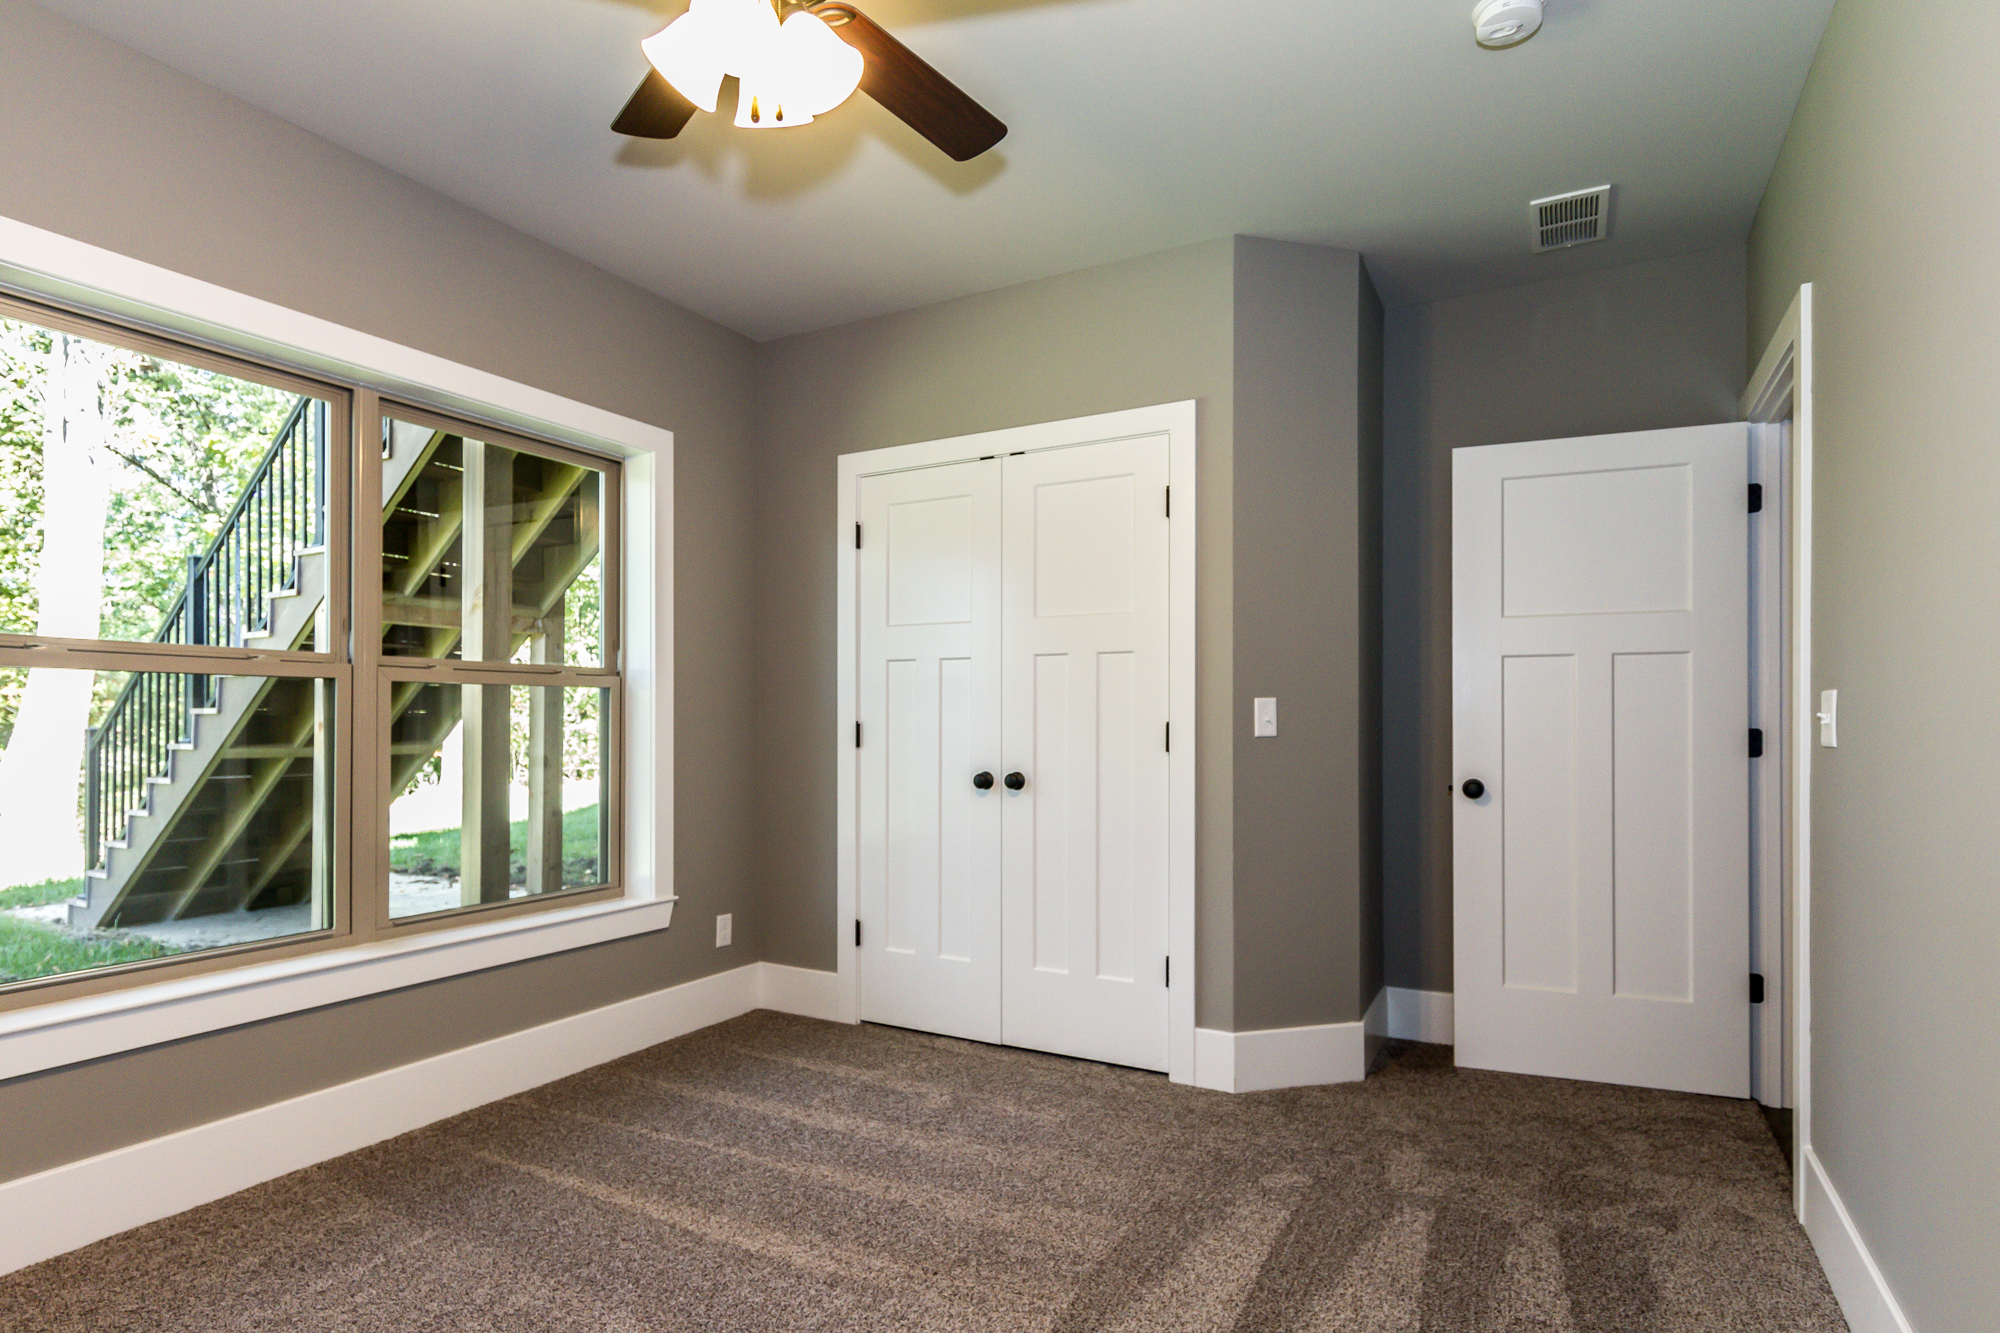 2-Scott-AFB-Real-Estate-For-Sale-O'Fallon-Illinois-62269-48.jpg